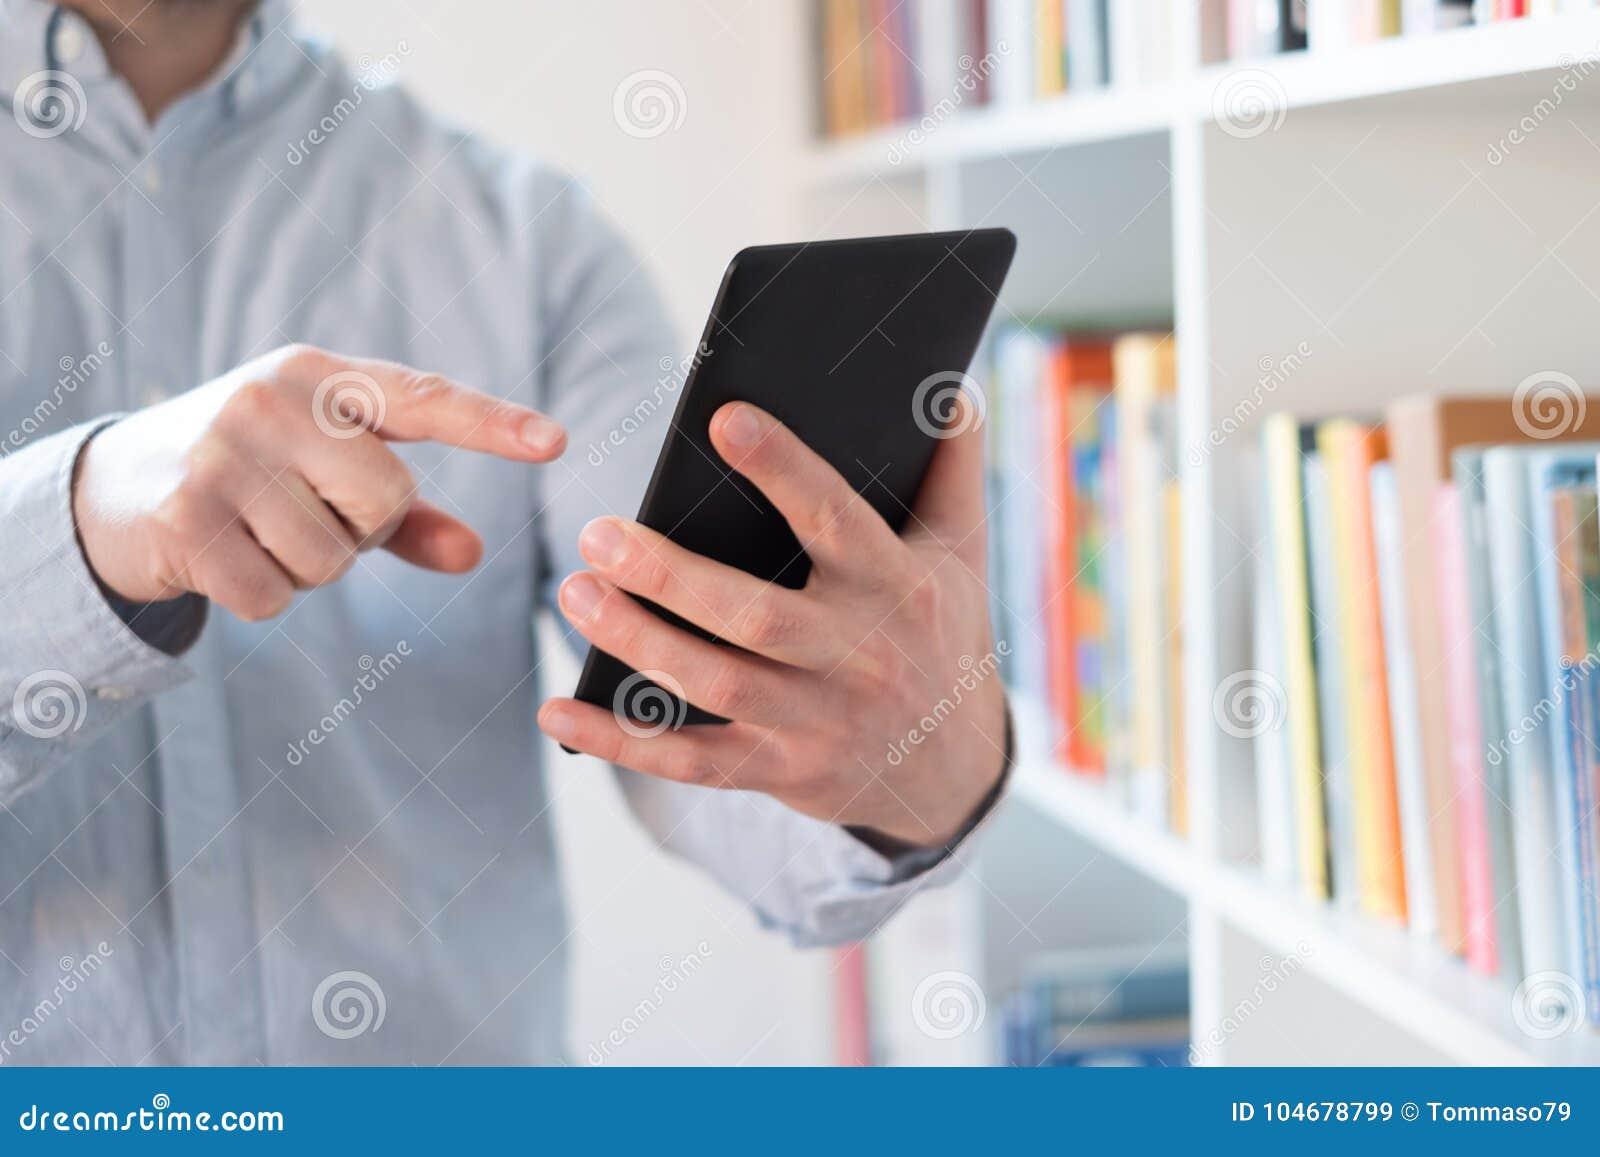 EBook-Leser in den Händen in einer Buchhandlung